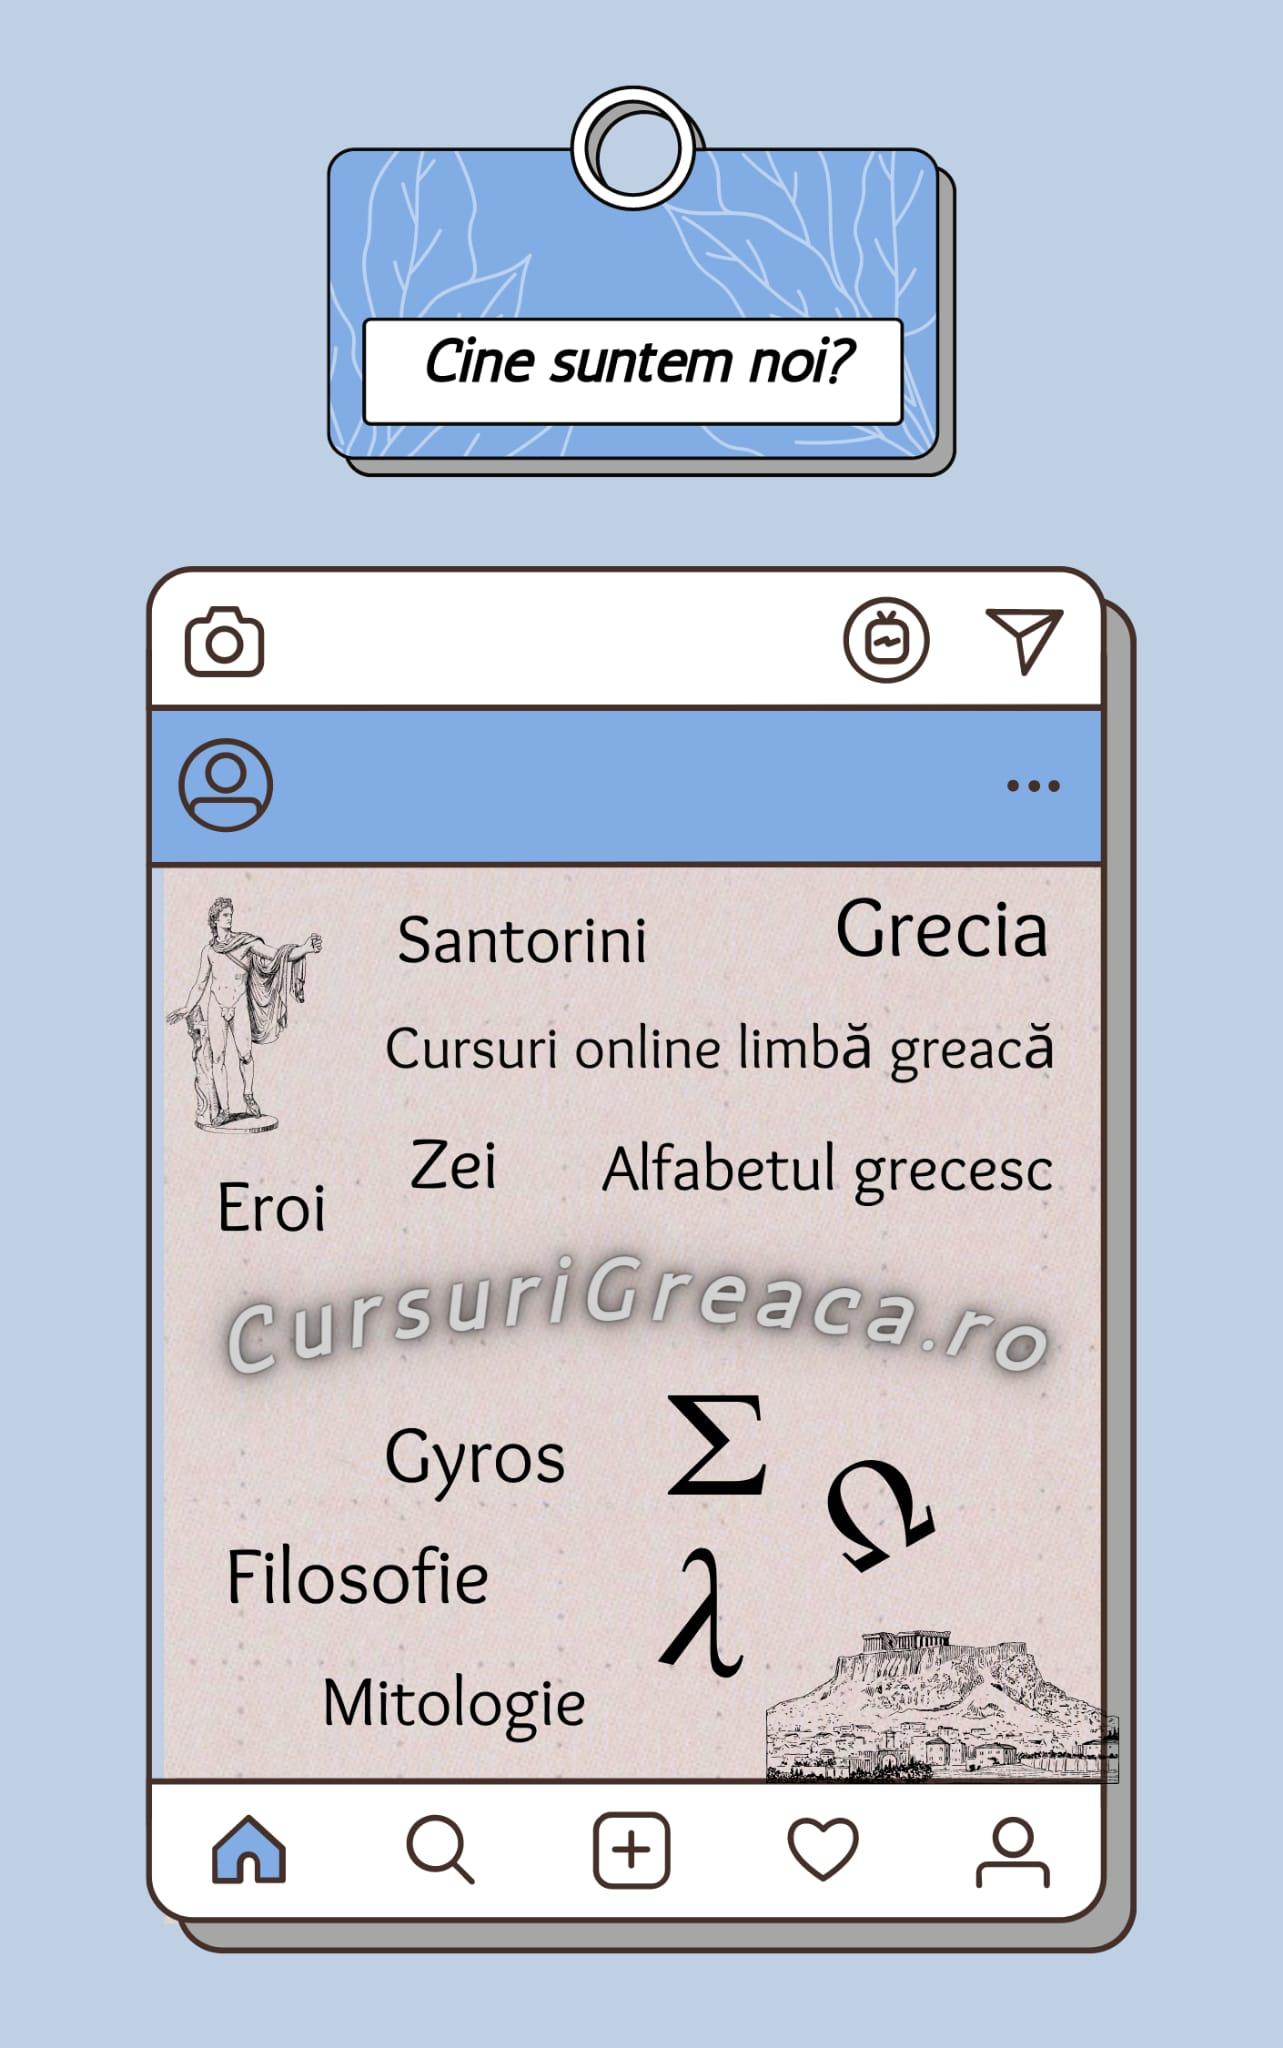 Cursuri online de limba greacă-cine suntem noi